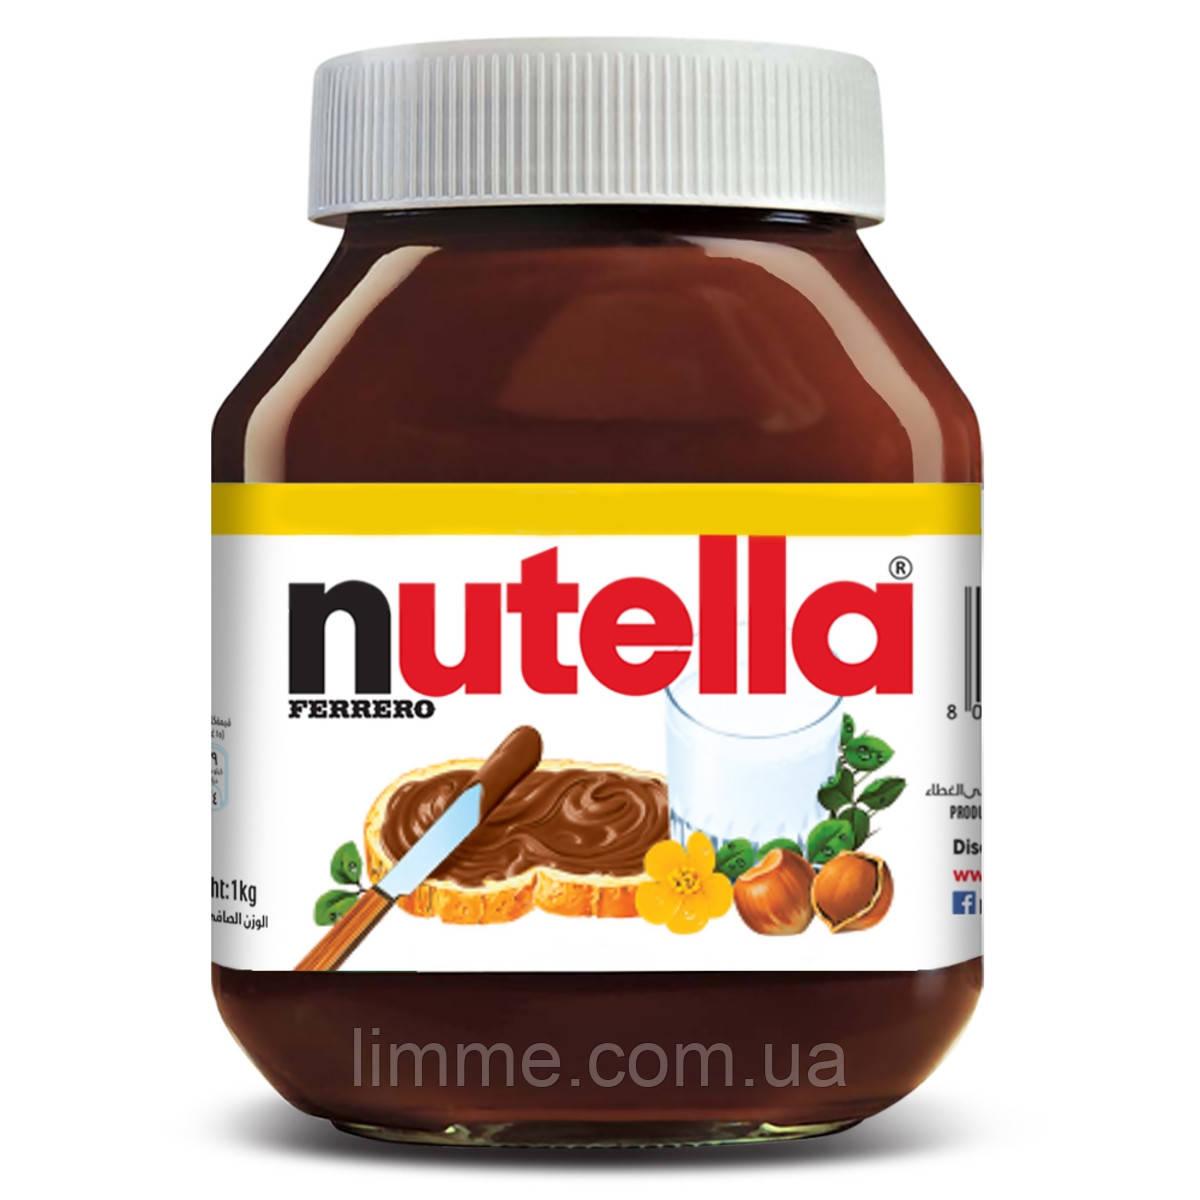 Шоколадно - ореховая паста Nutella 700 г.